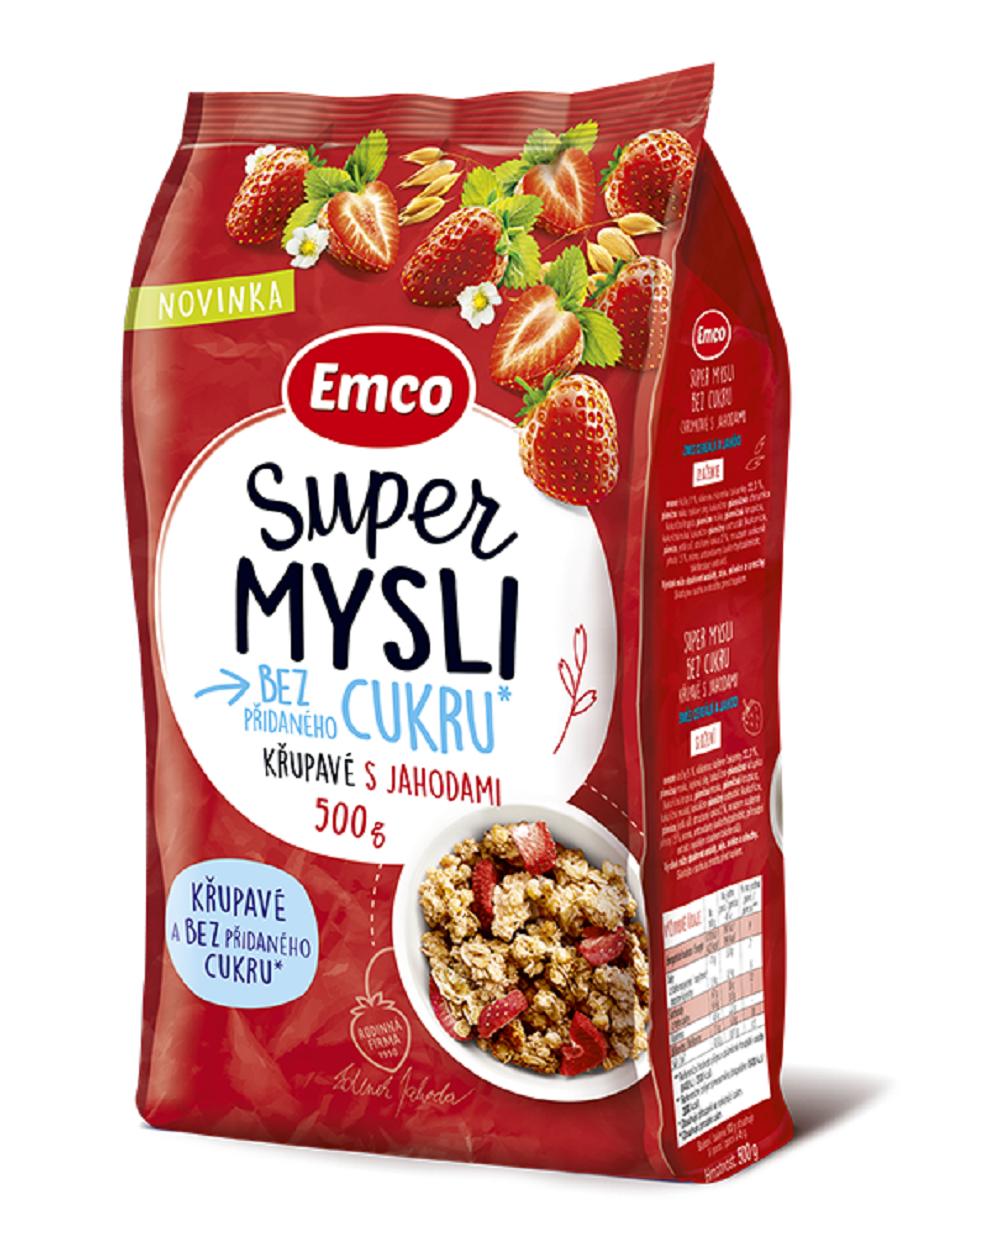 Super Mysli bez přidaného cukru křupavé s jahodami 500 g